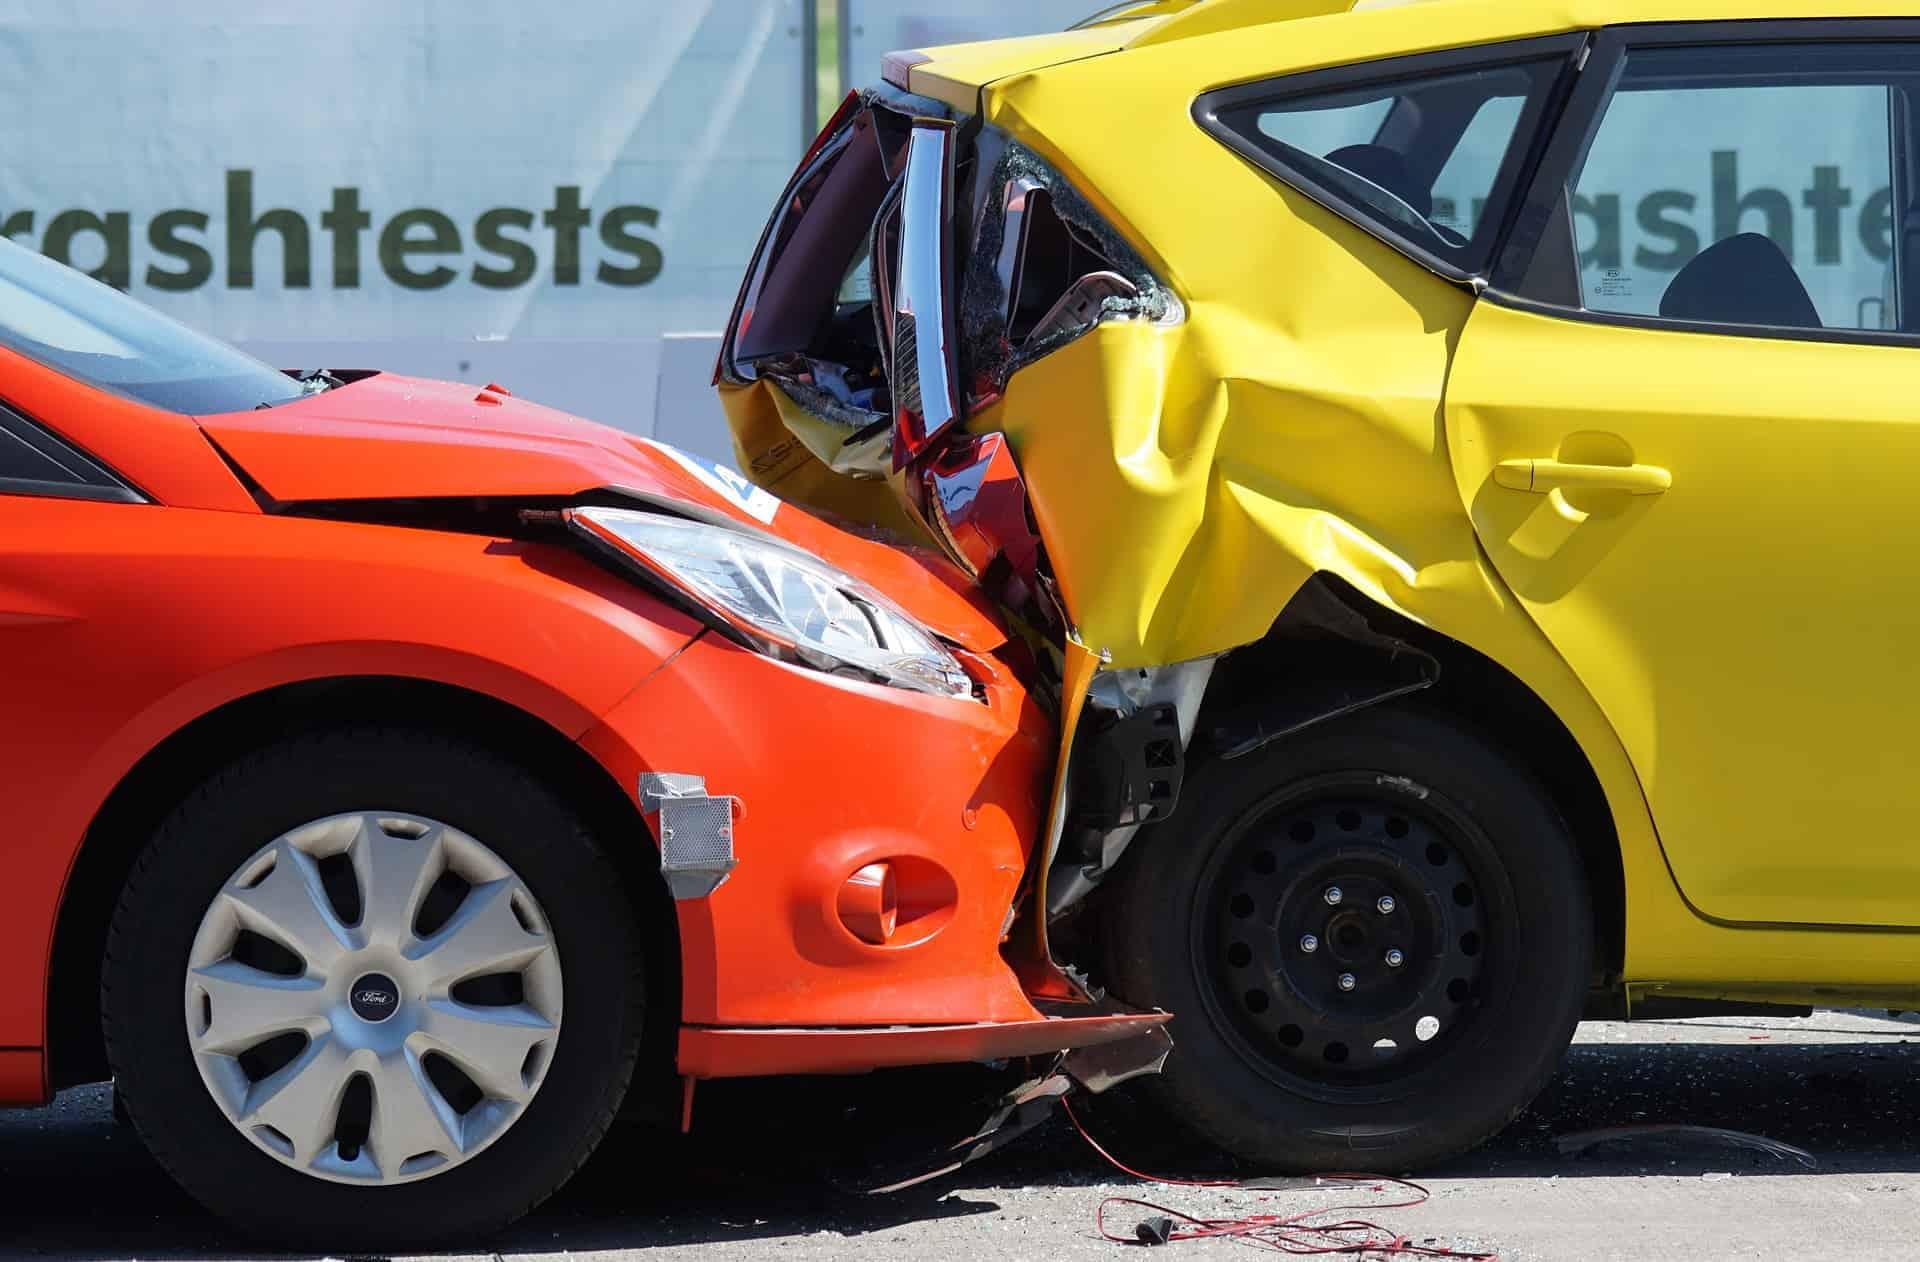 Versicherungsvergleiche – So findest du die besten und günstigsten Versicherungen